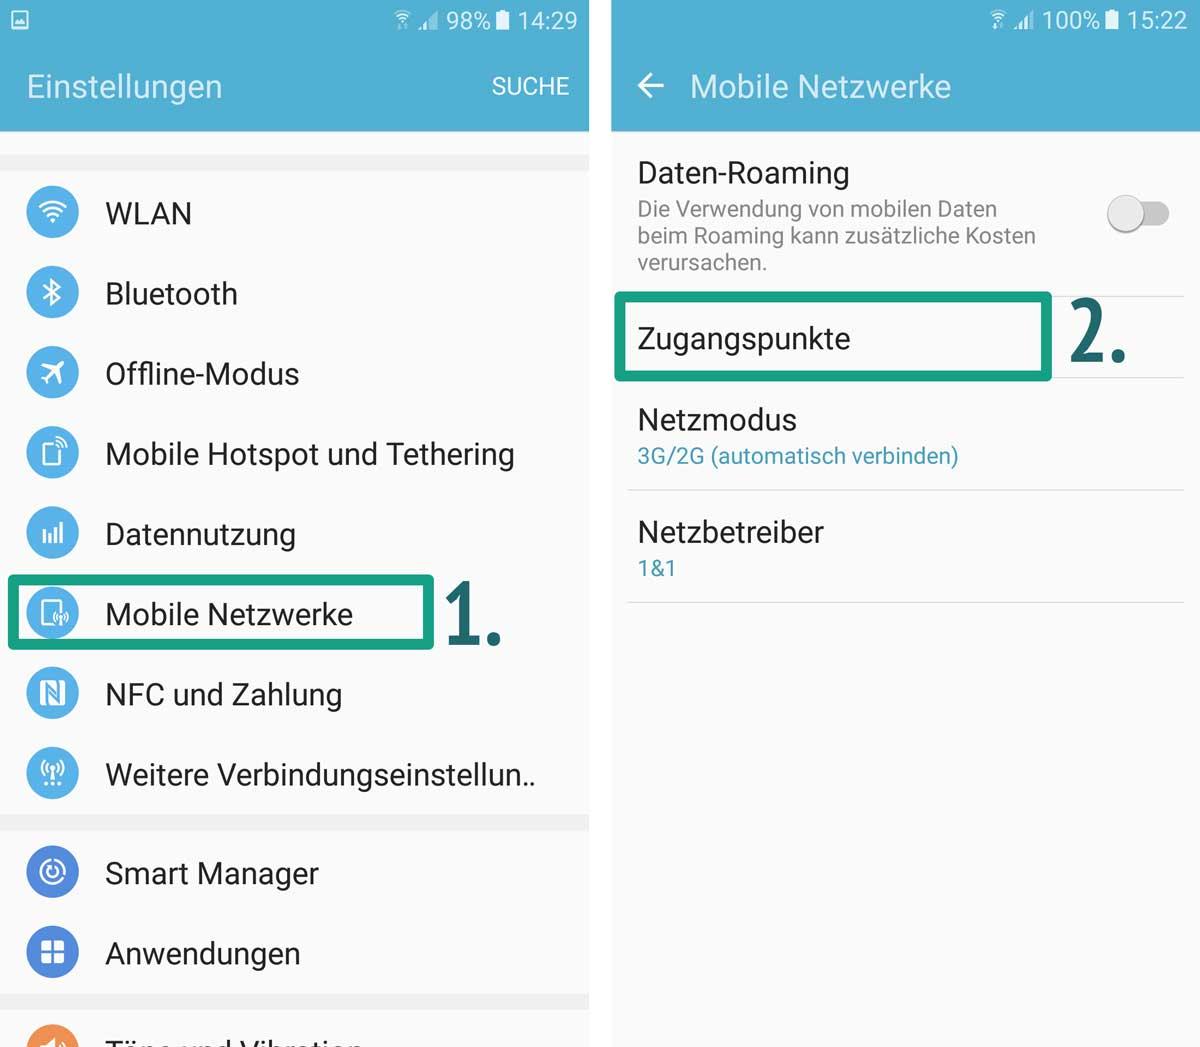 Iphone Einstellungen Mobile Daten - Test